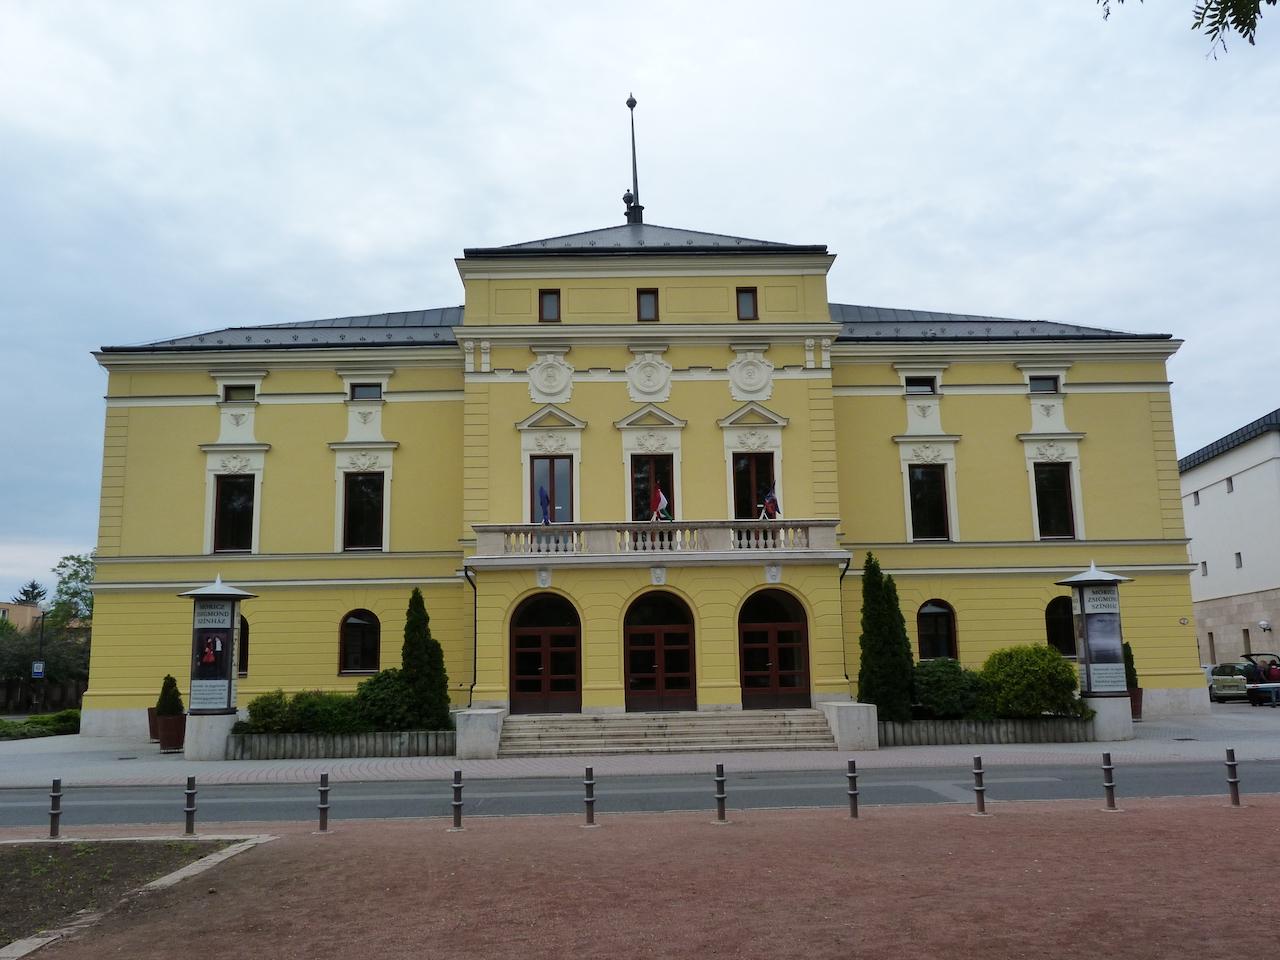 Tizennégy előadást tűz műsorára a következő évadban a nyíregyházi Móricz Zsigmond Színház